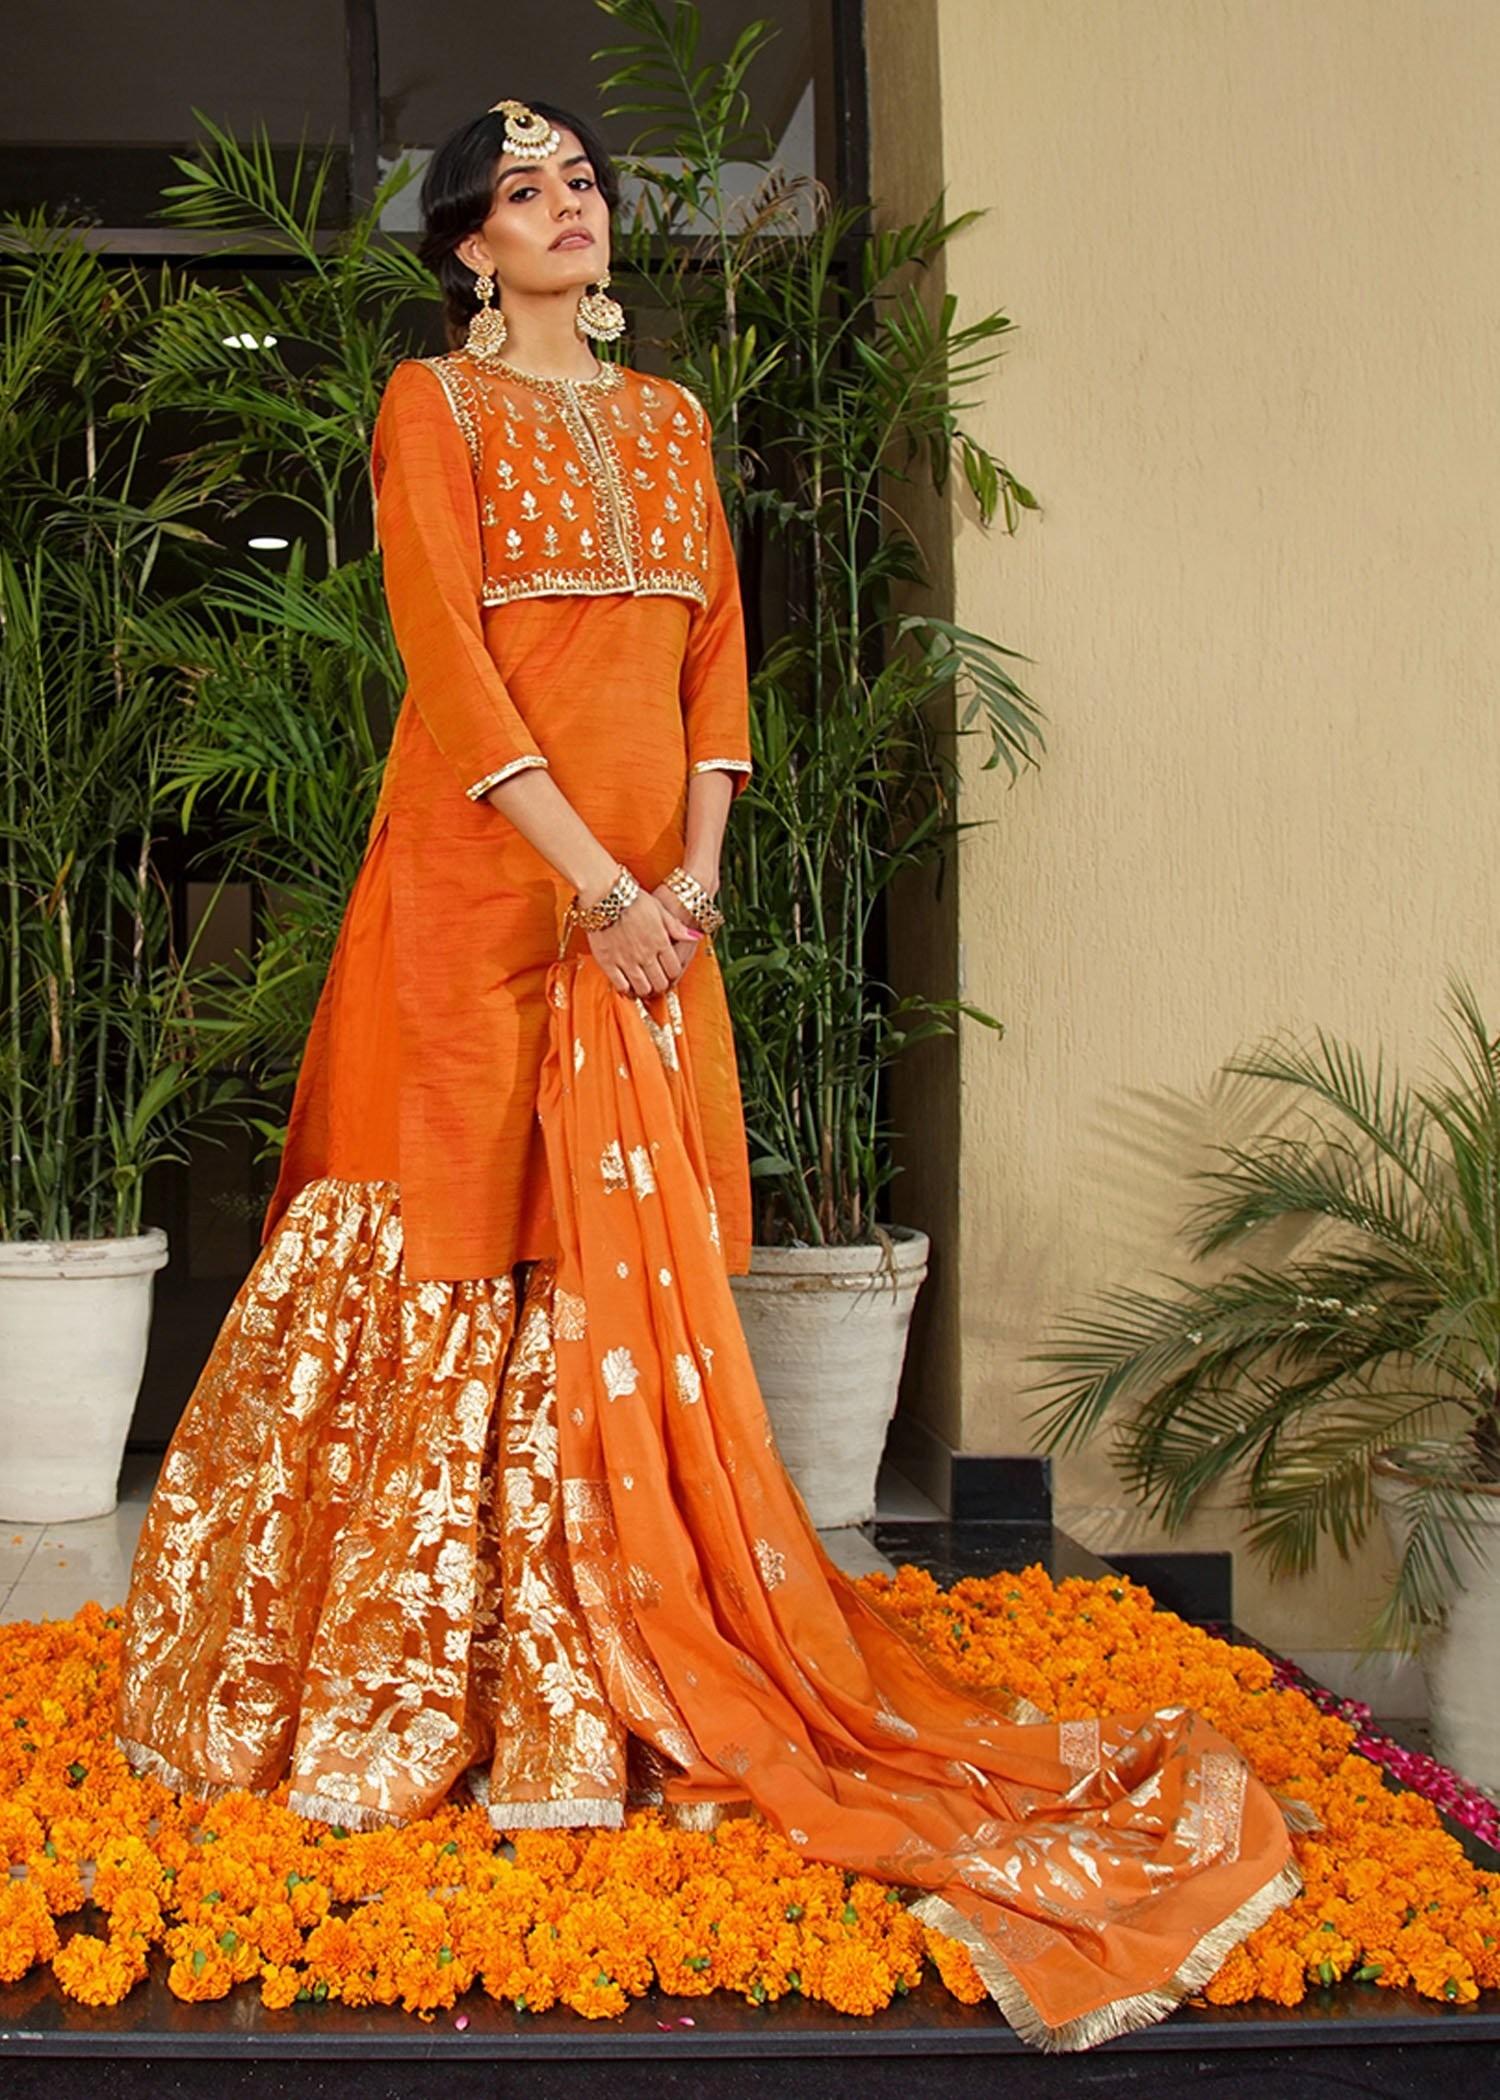 Meherma-mehndi dress